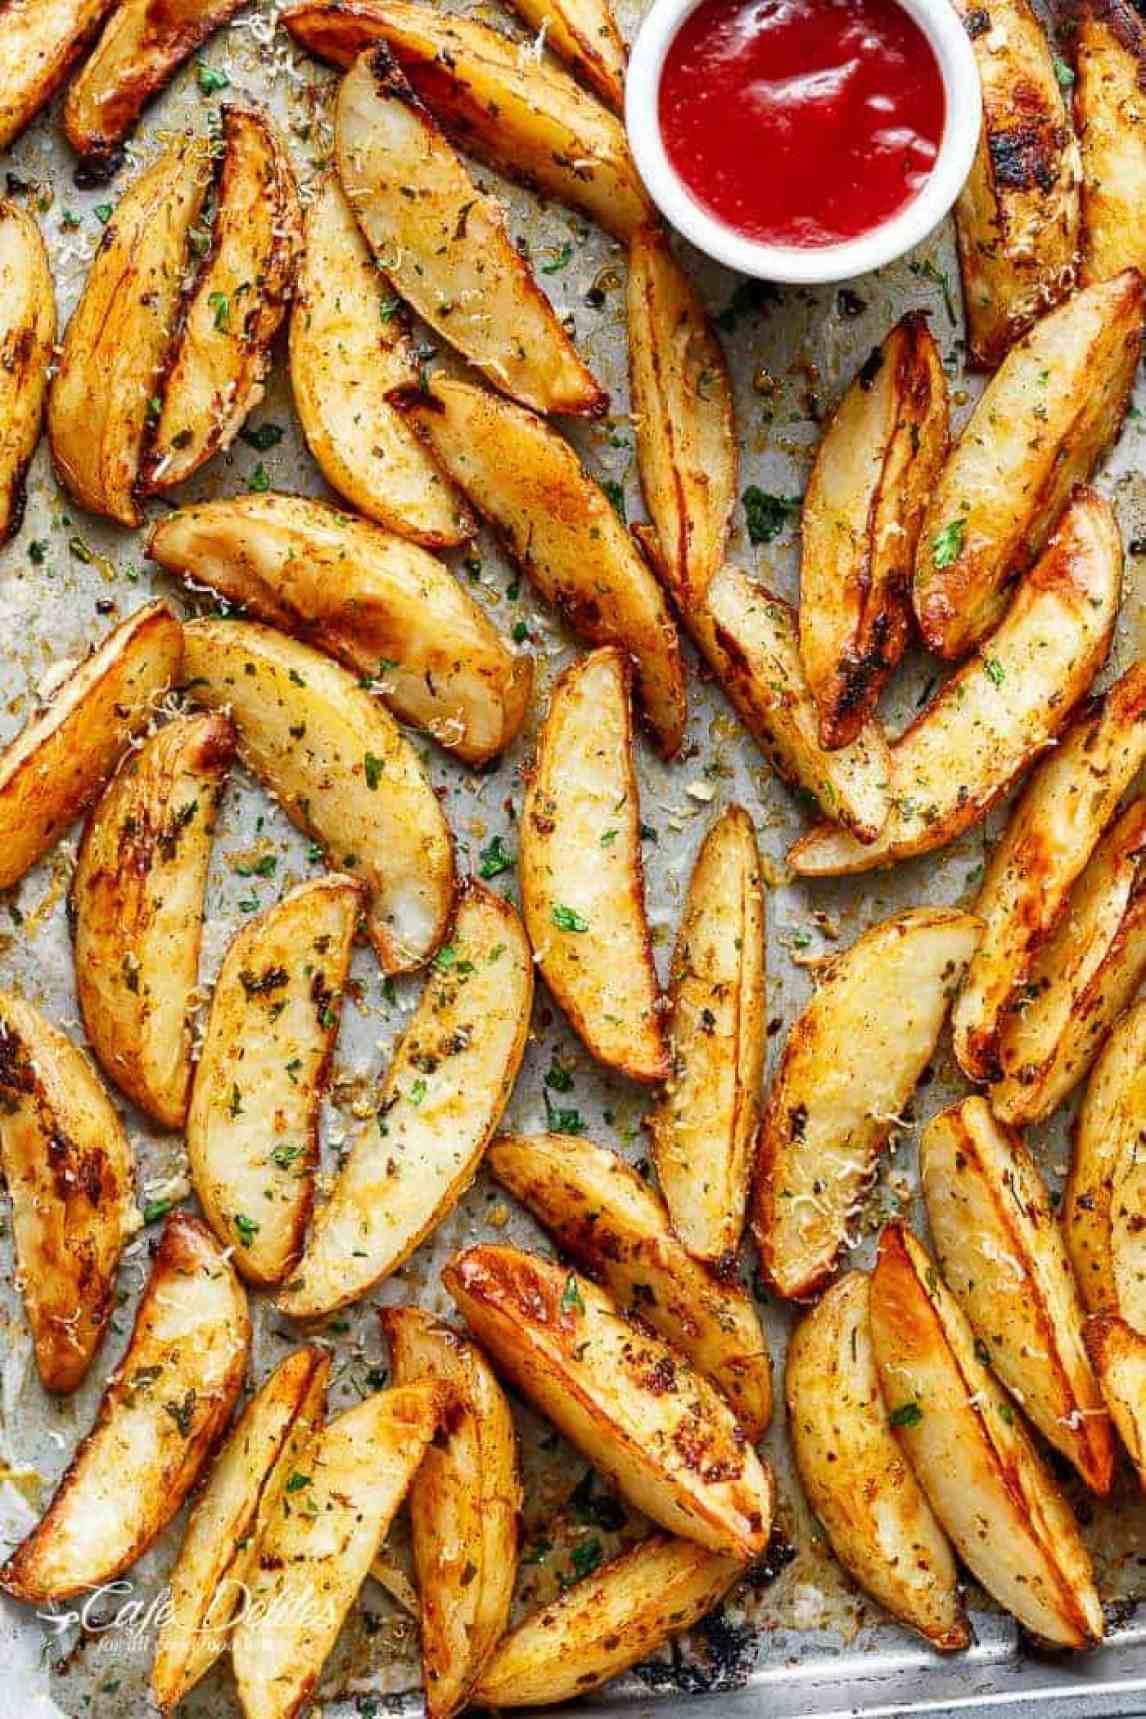 Hasil gambar untuk Potato Wedges